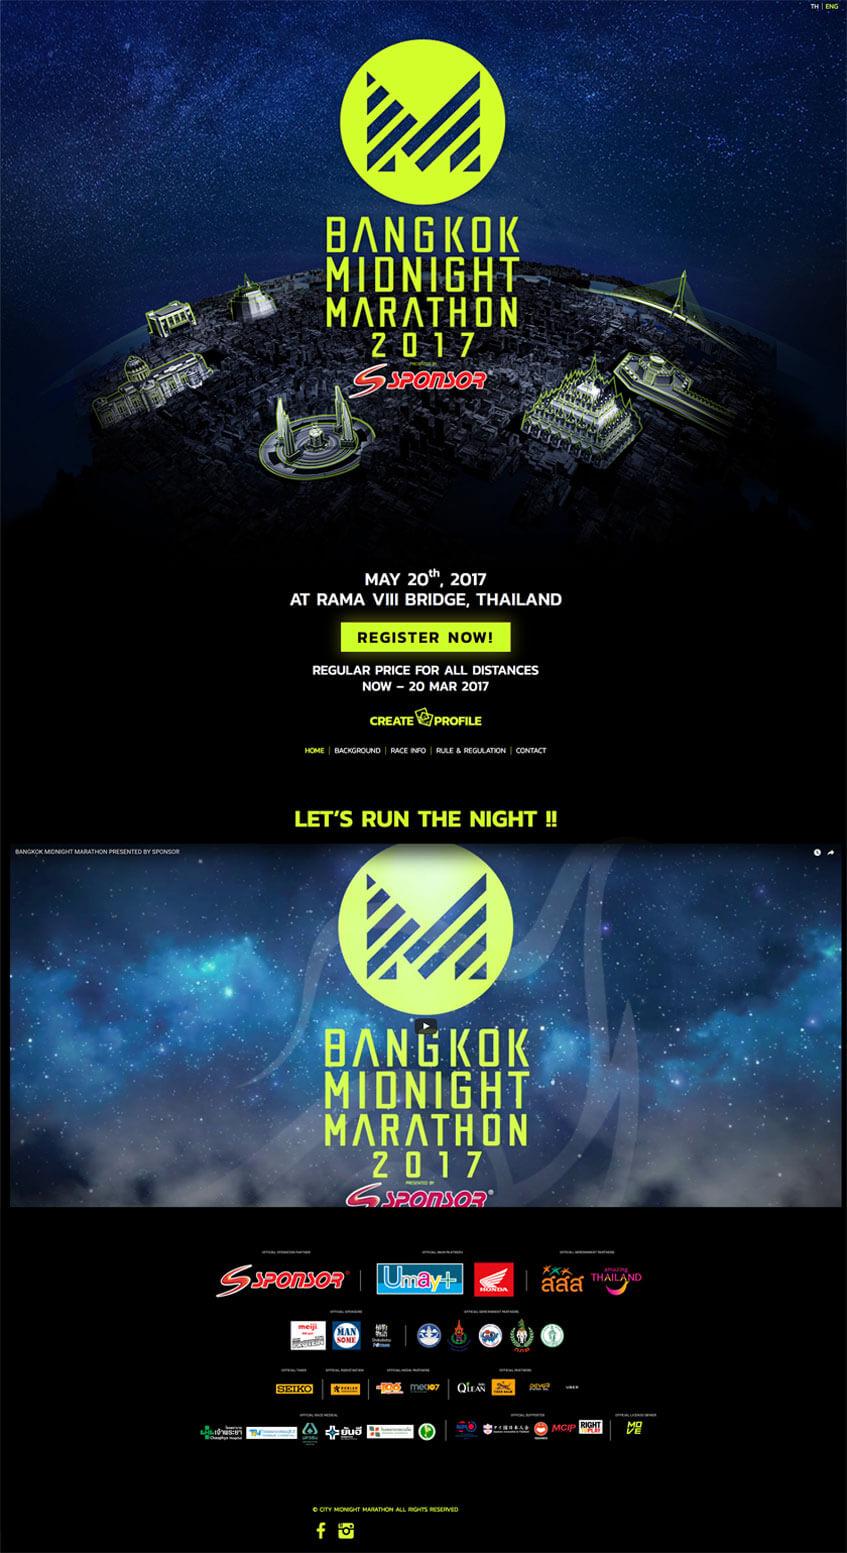 ดีไซน์การวิ่งมาราธอนBMM 2017 | MeDee - บริษัทรับทำเว็บไซต์ กราฟฟิกดีไซน์